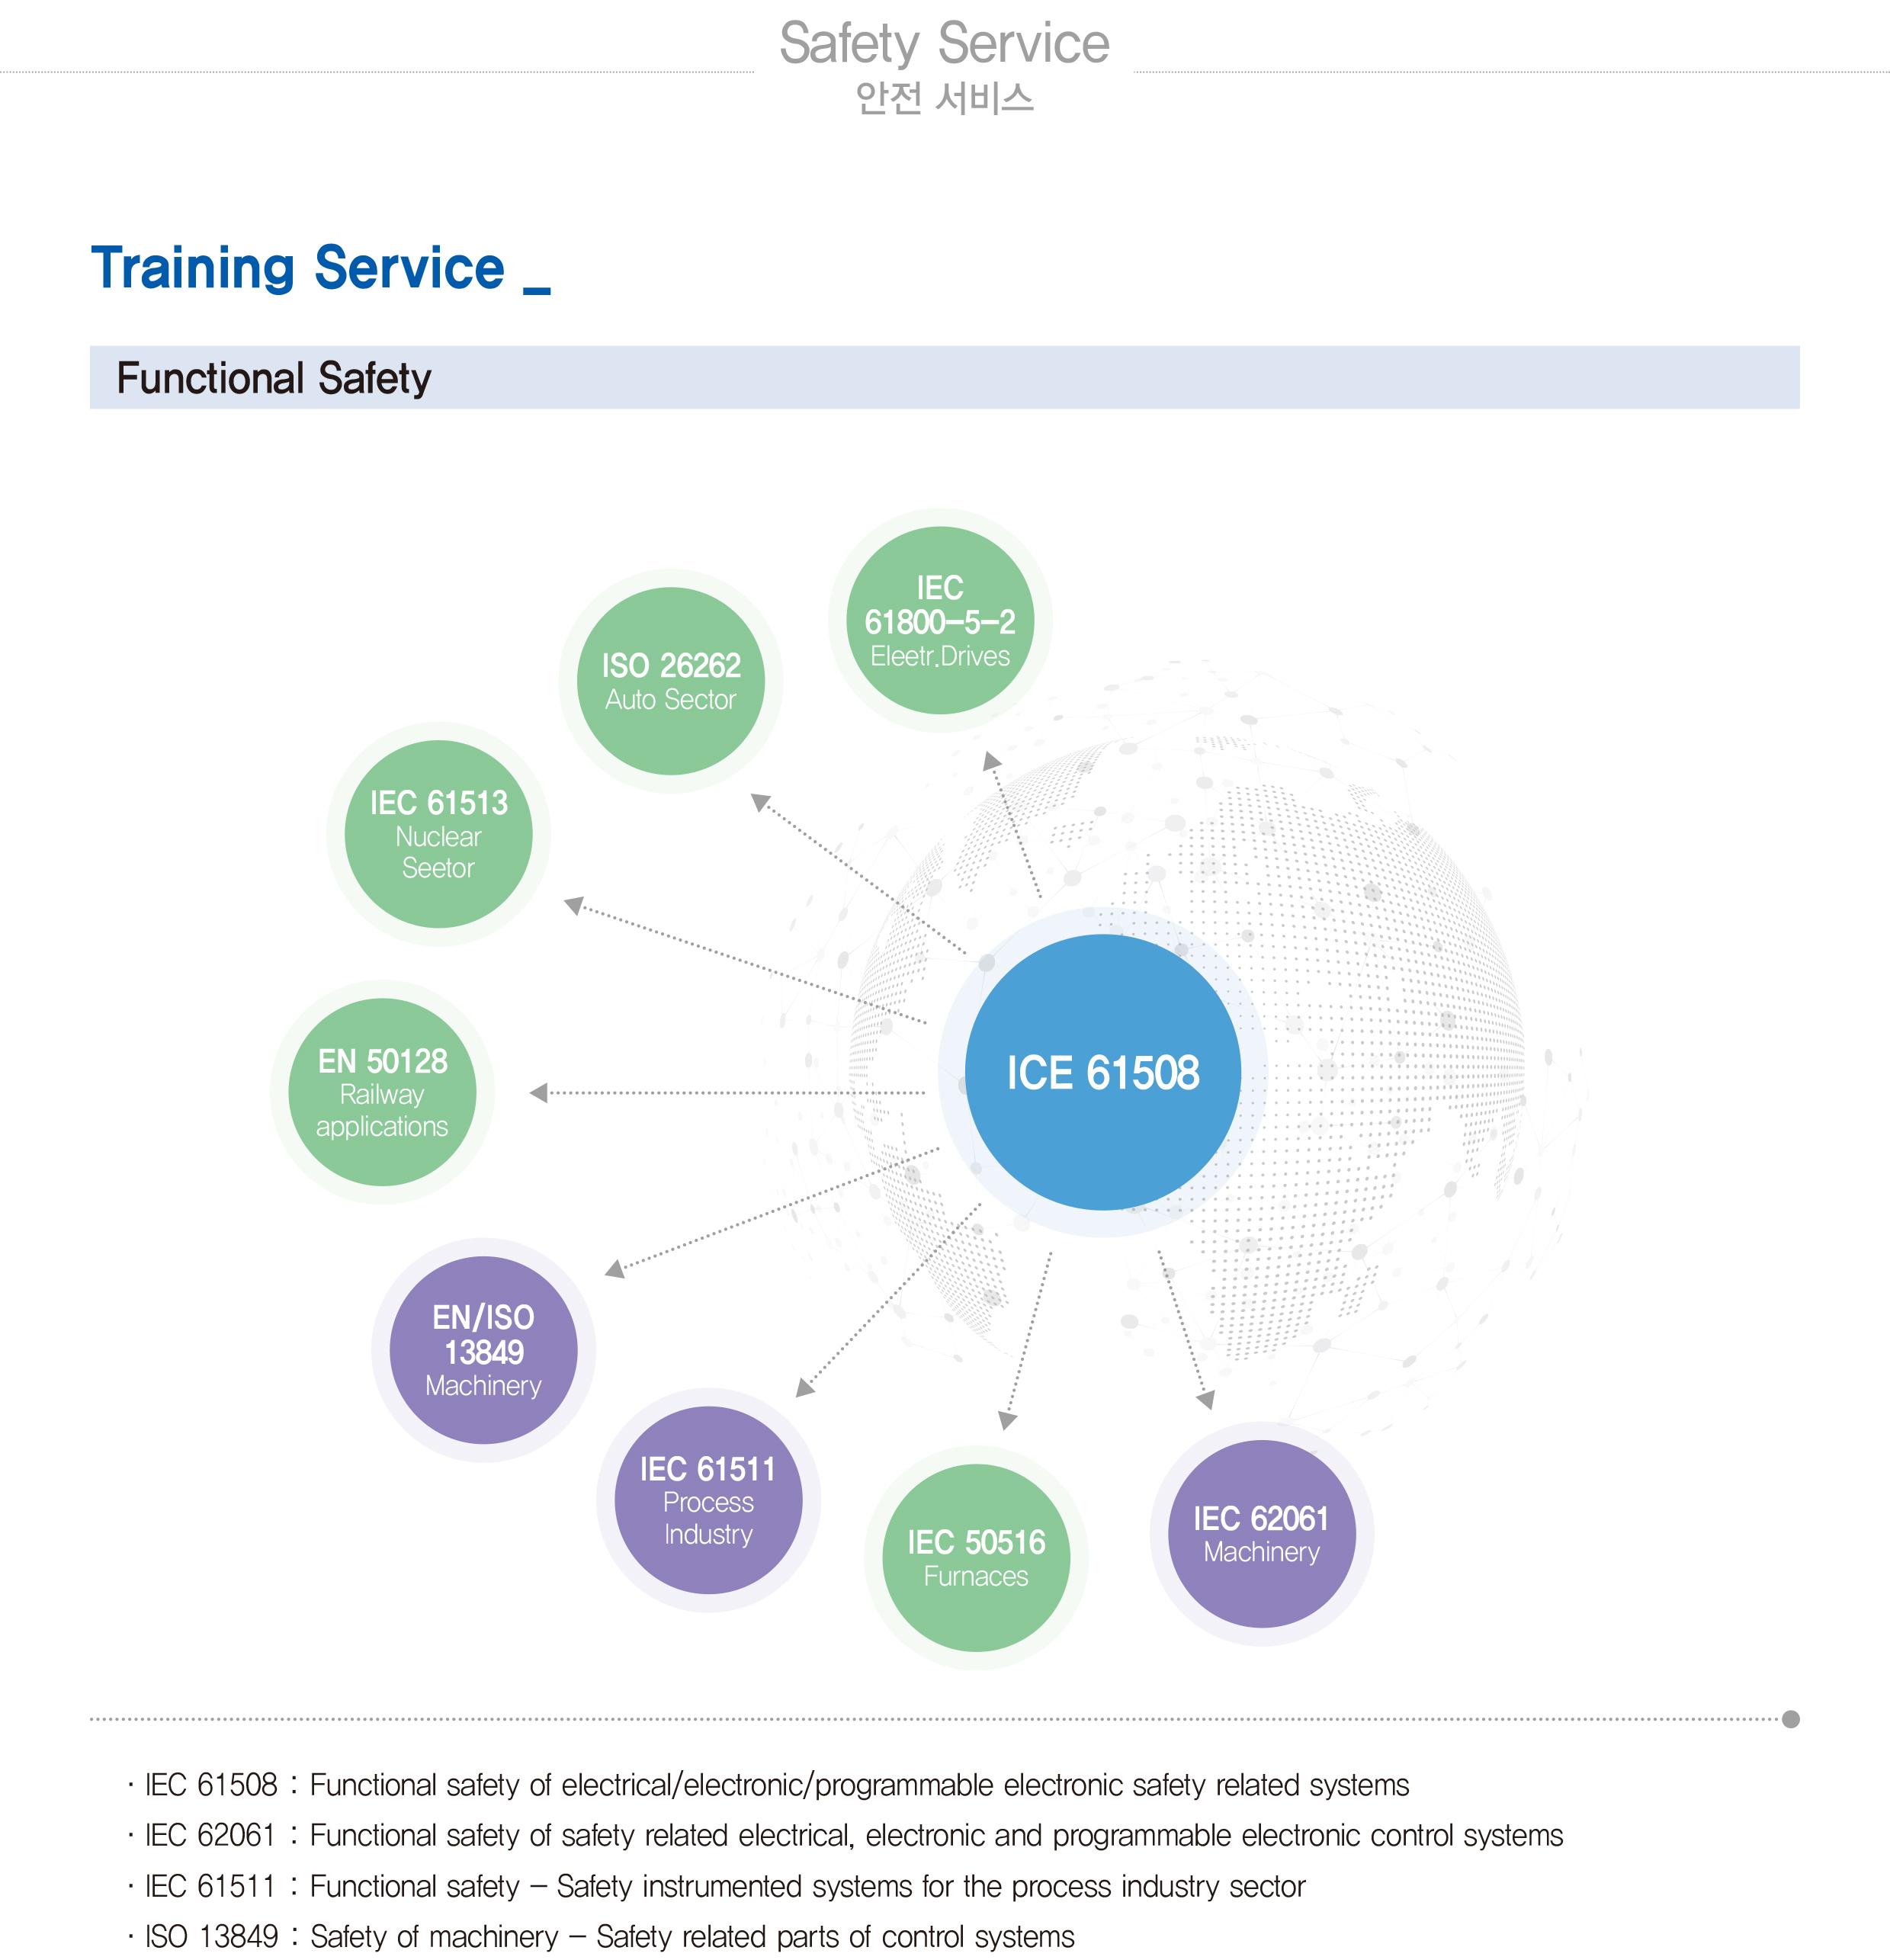 동신테크-03-training service-2.jpg